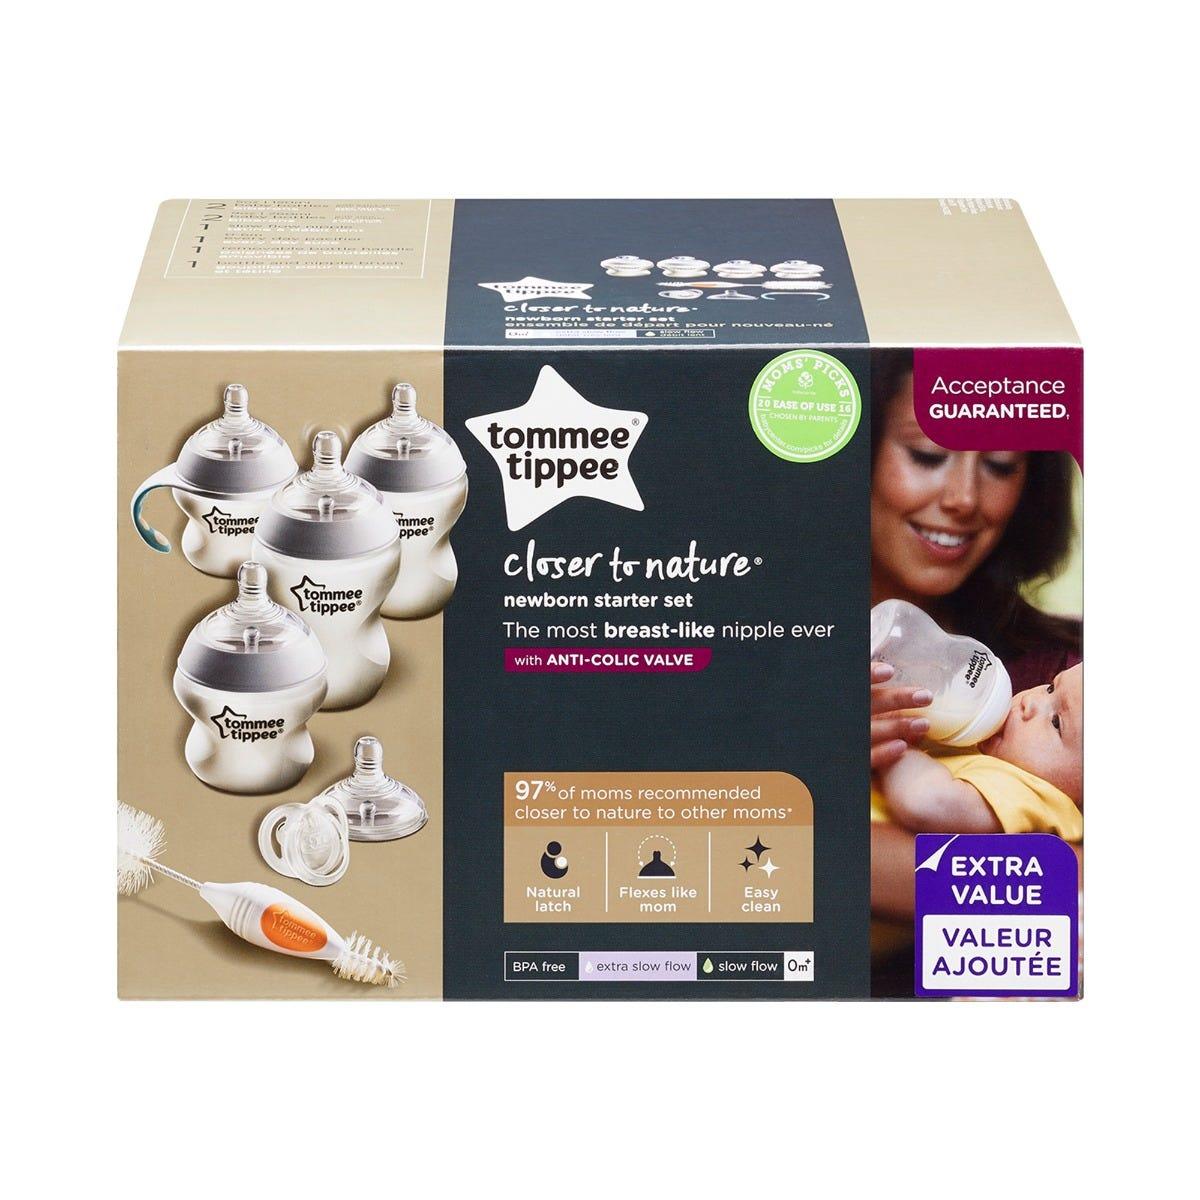 Closer to Nature Newborn Starter Set packaging